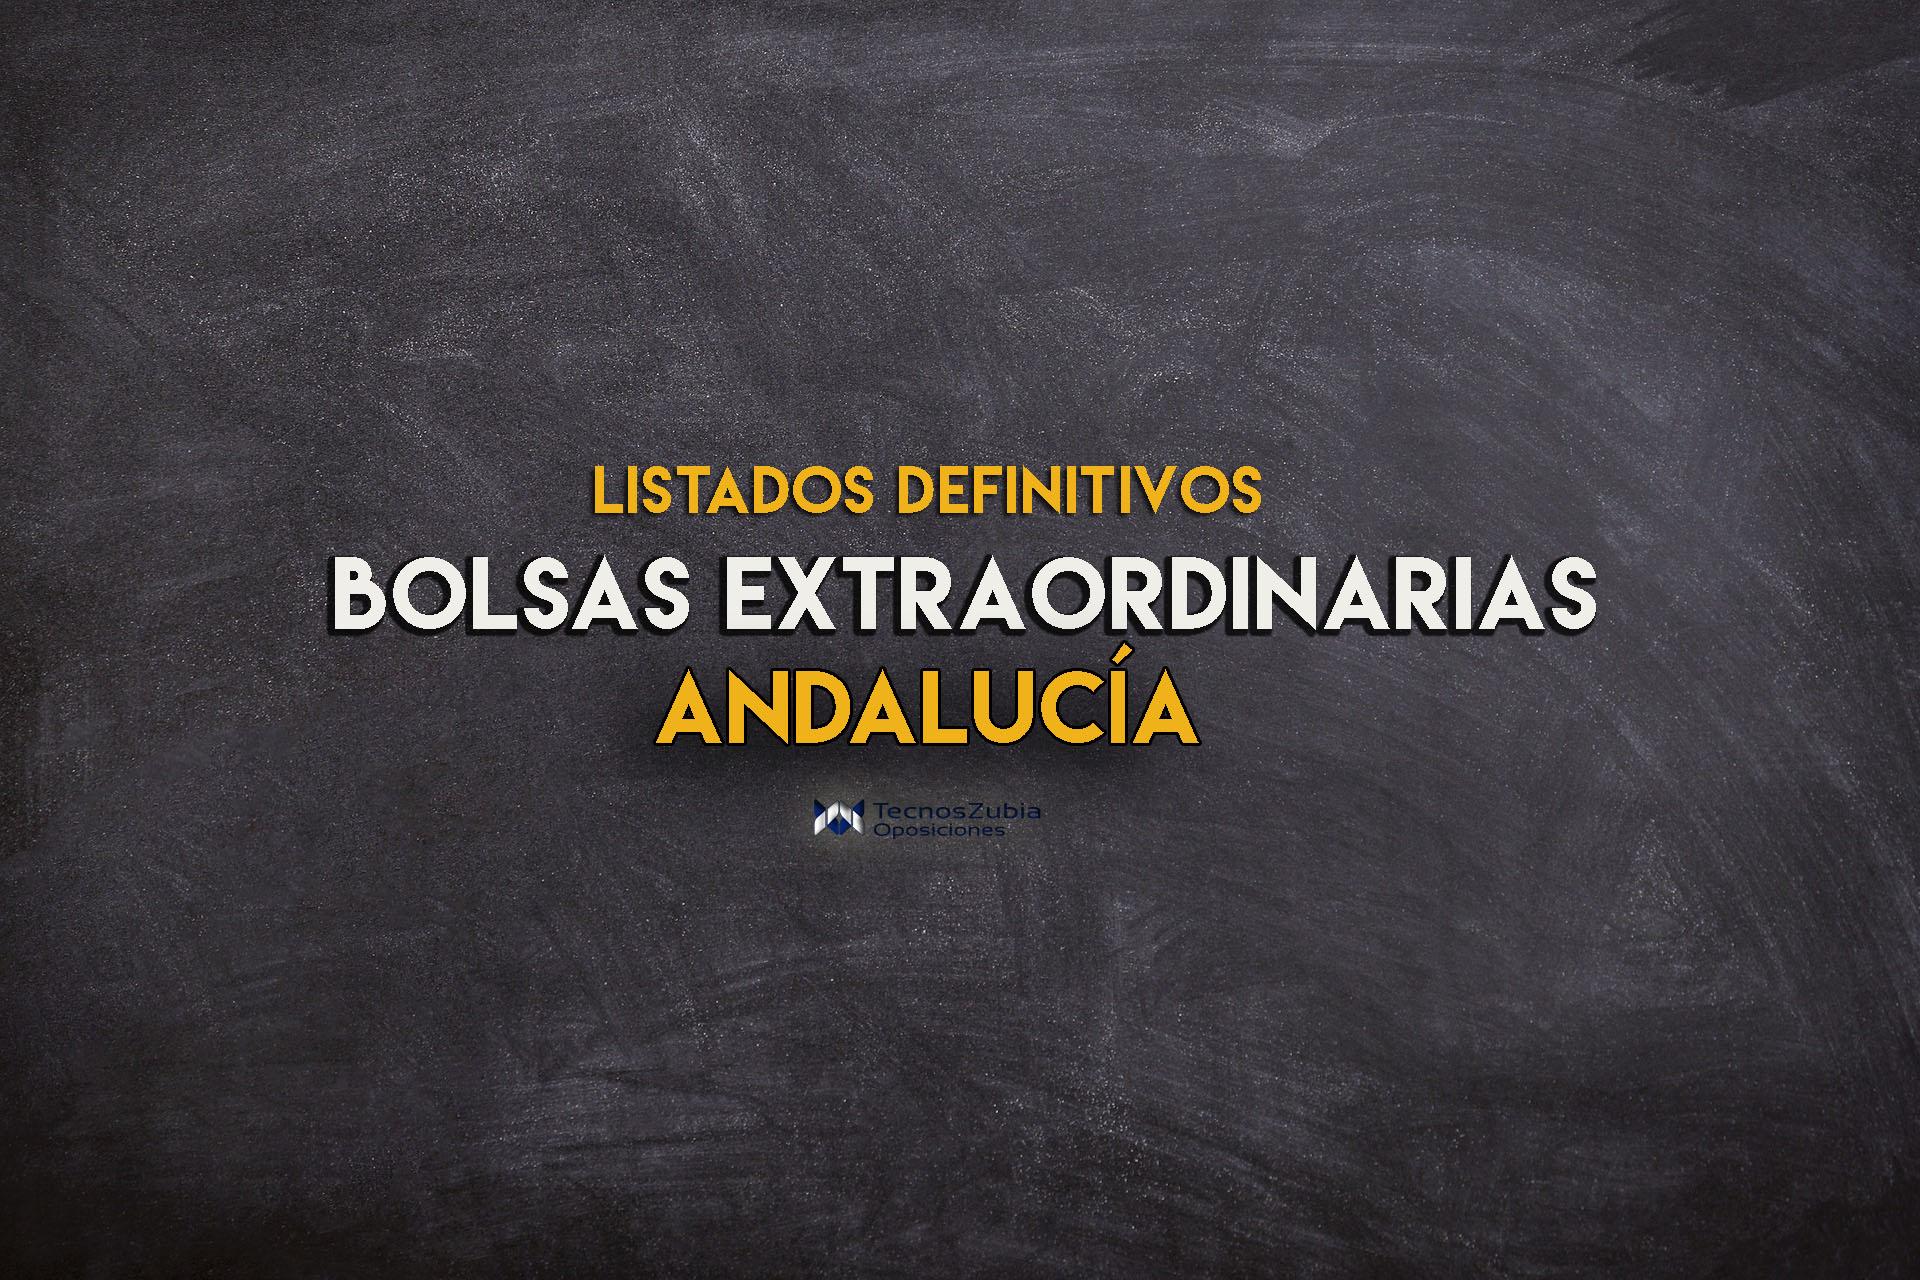 Listados definitivos de bolsas extraordionarias dfocentes en Andalucia